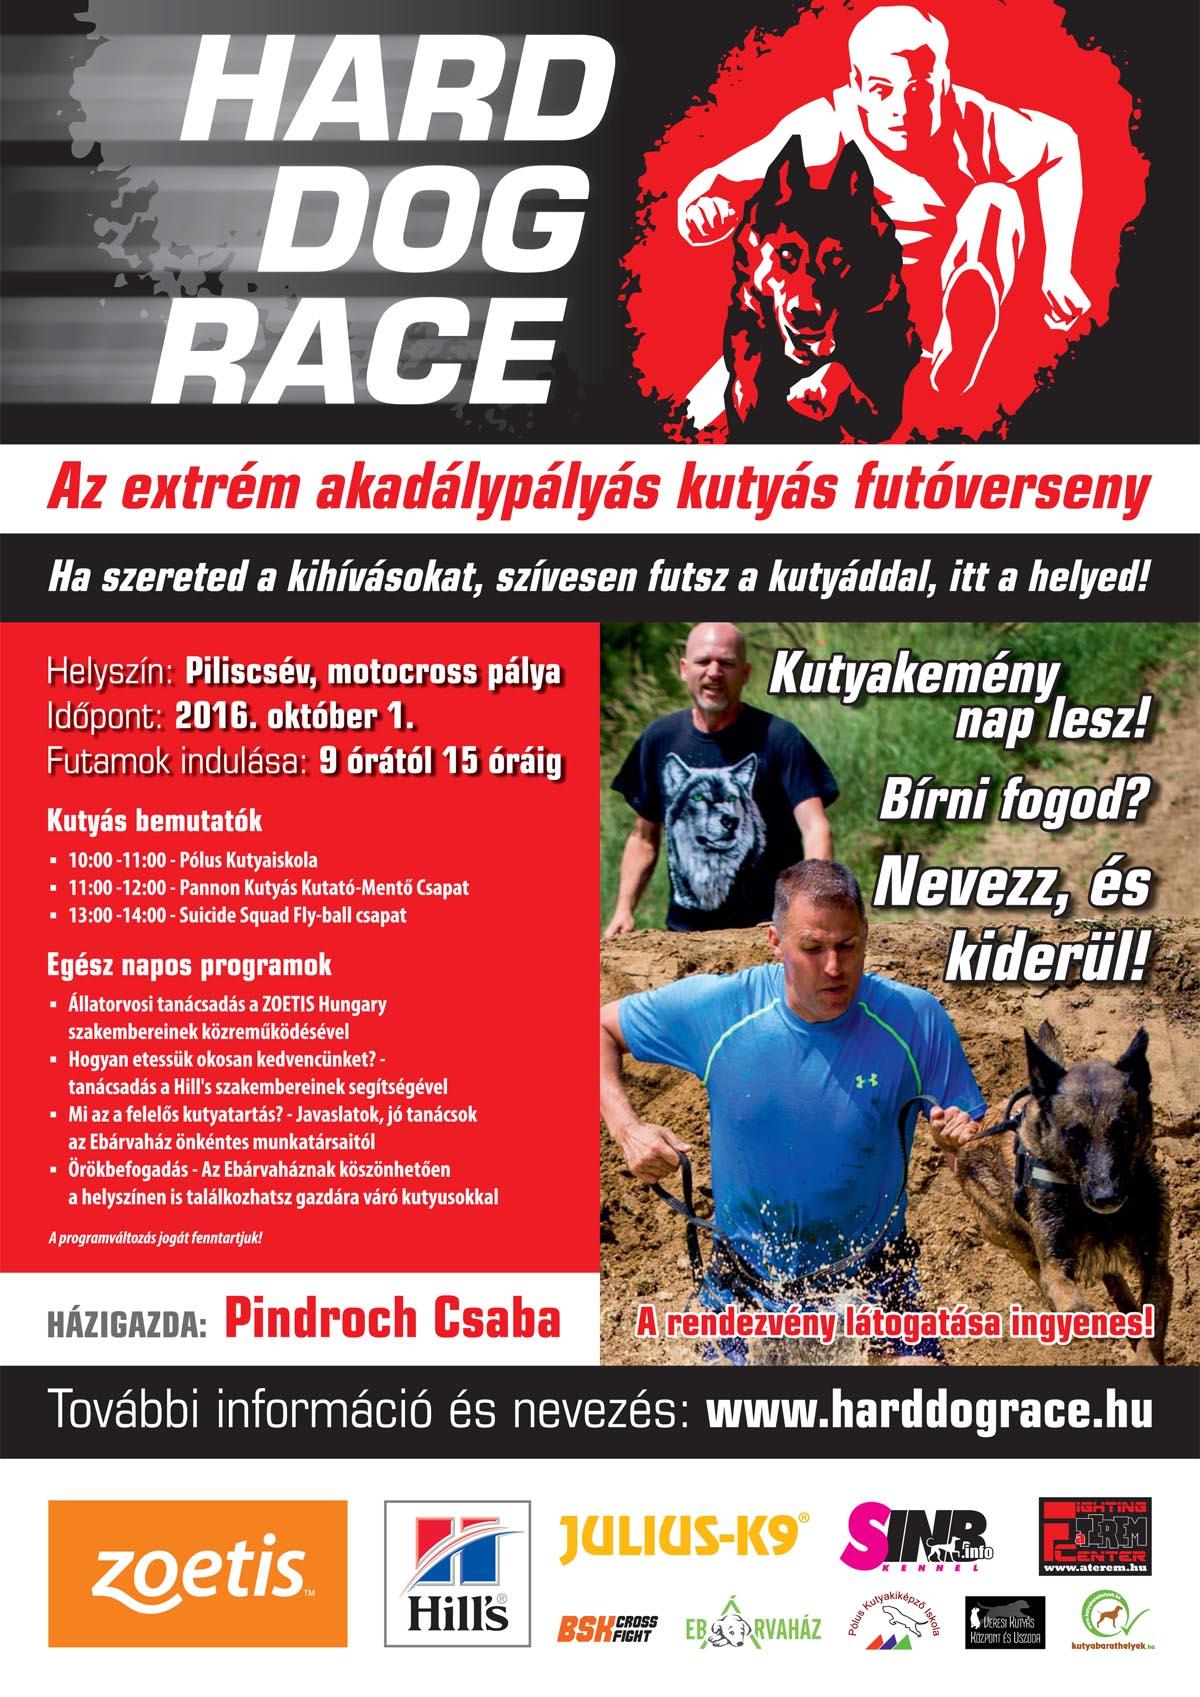 hdr_a4_web-flyer.jpg